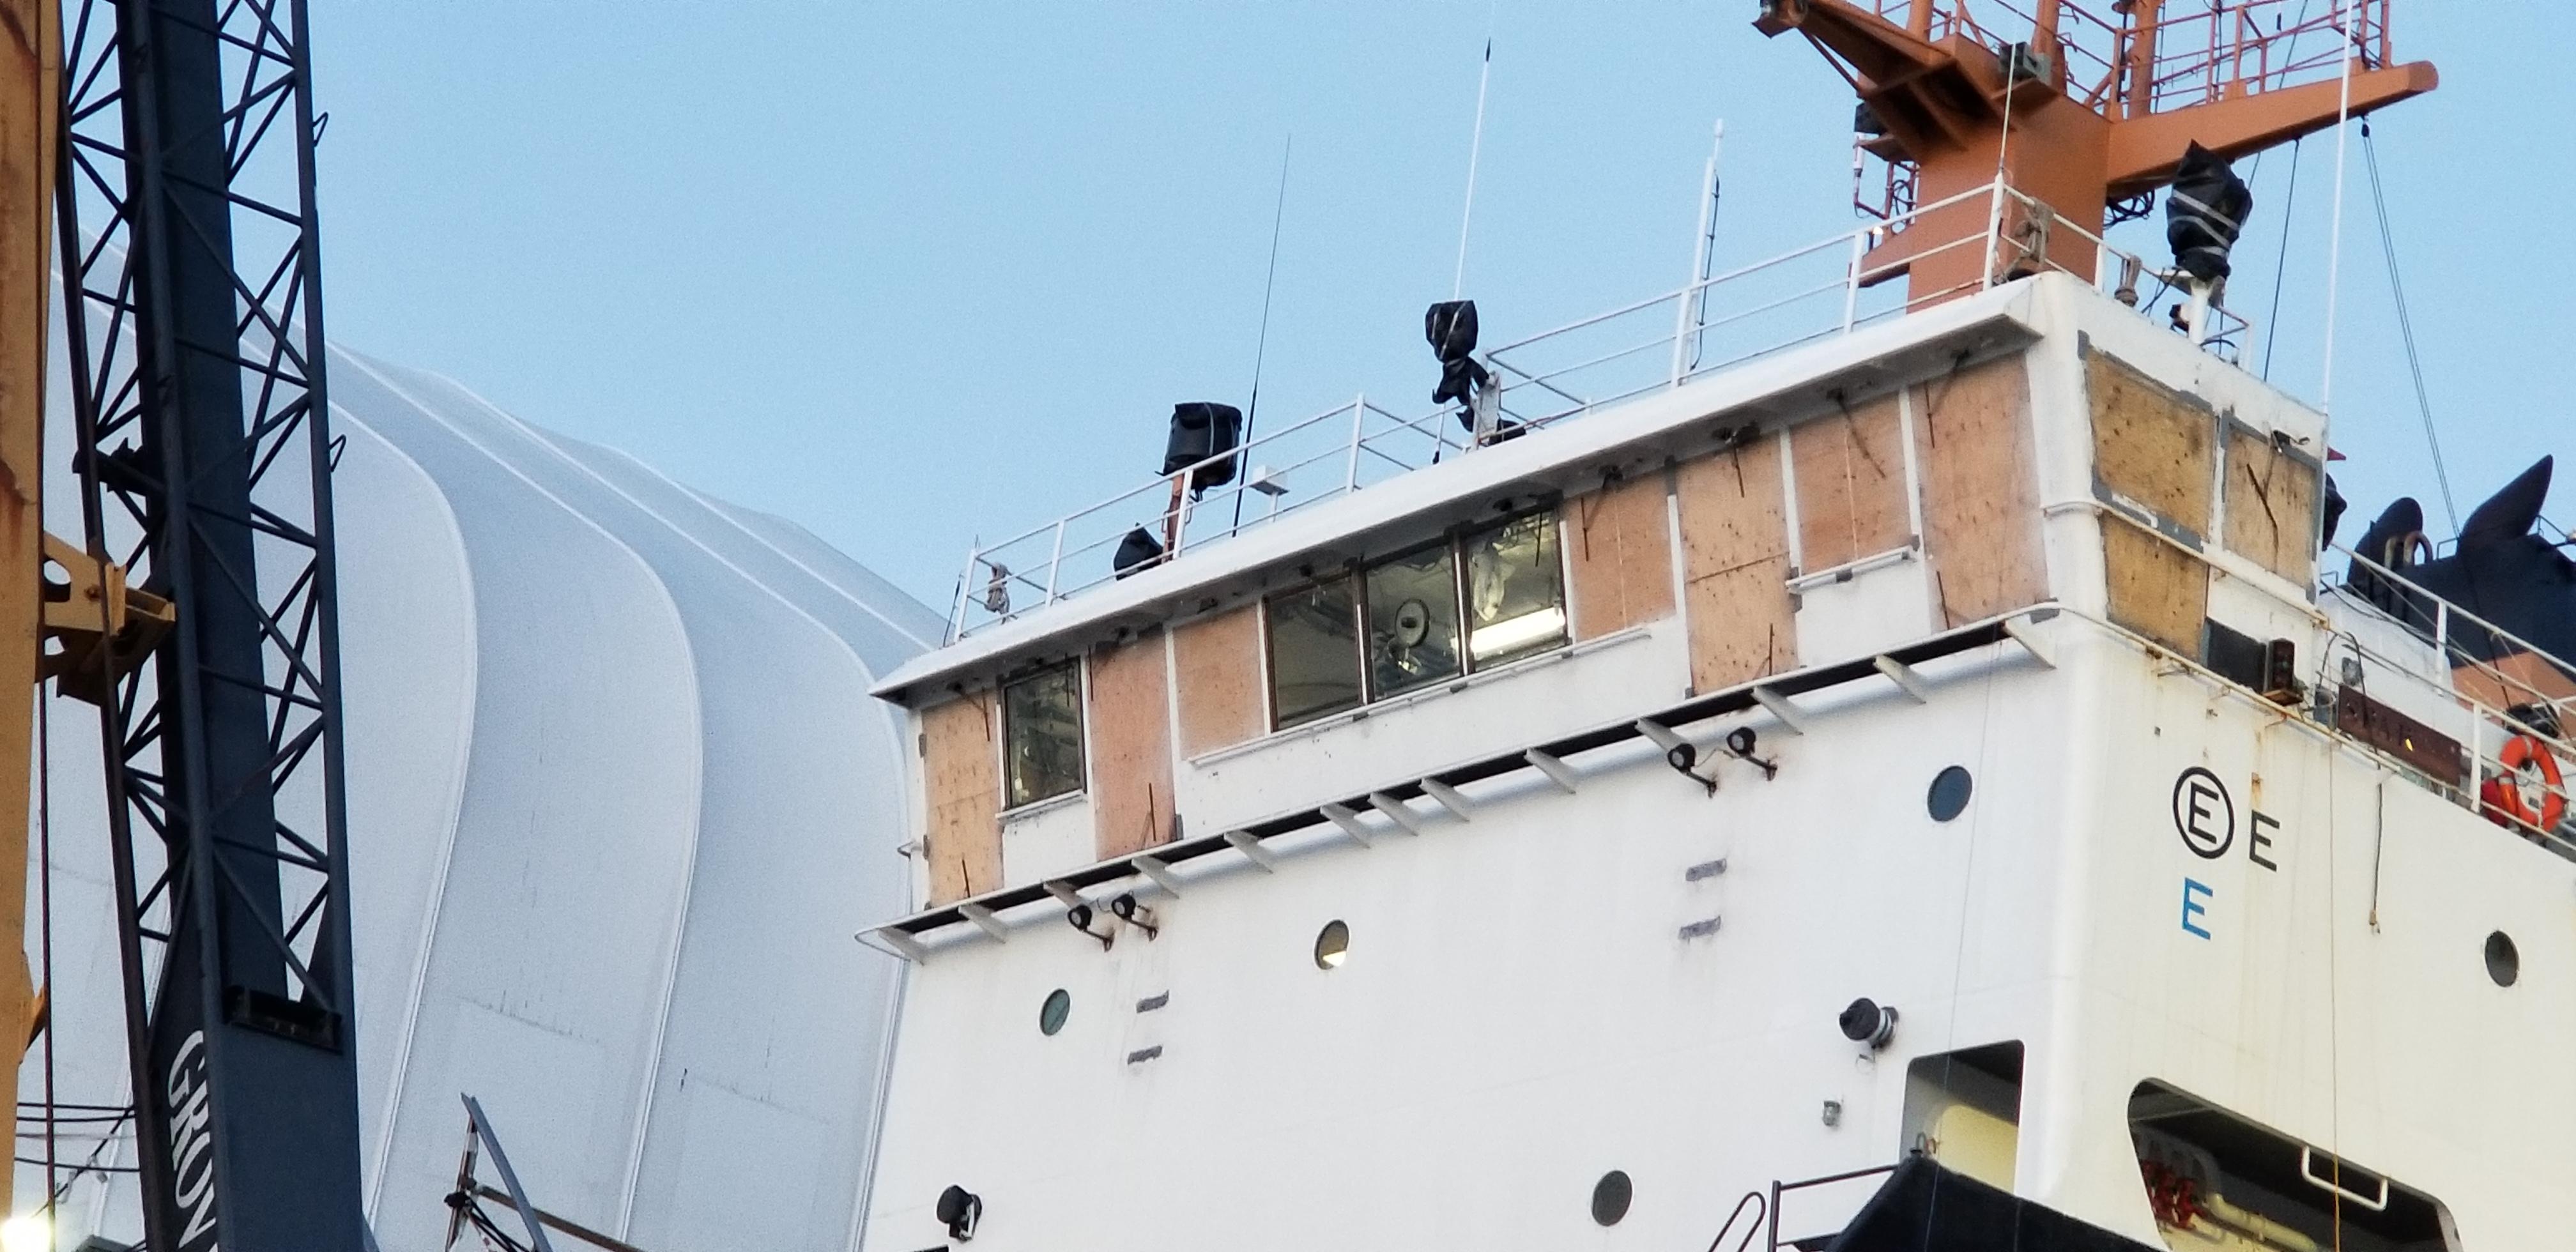 Boat Image 16